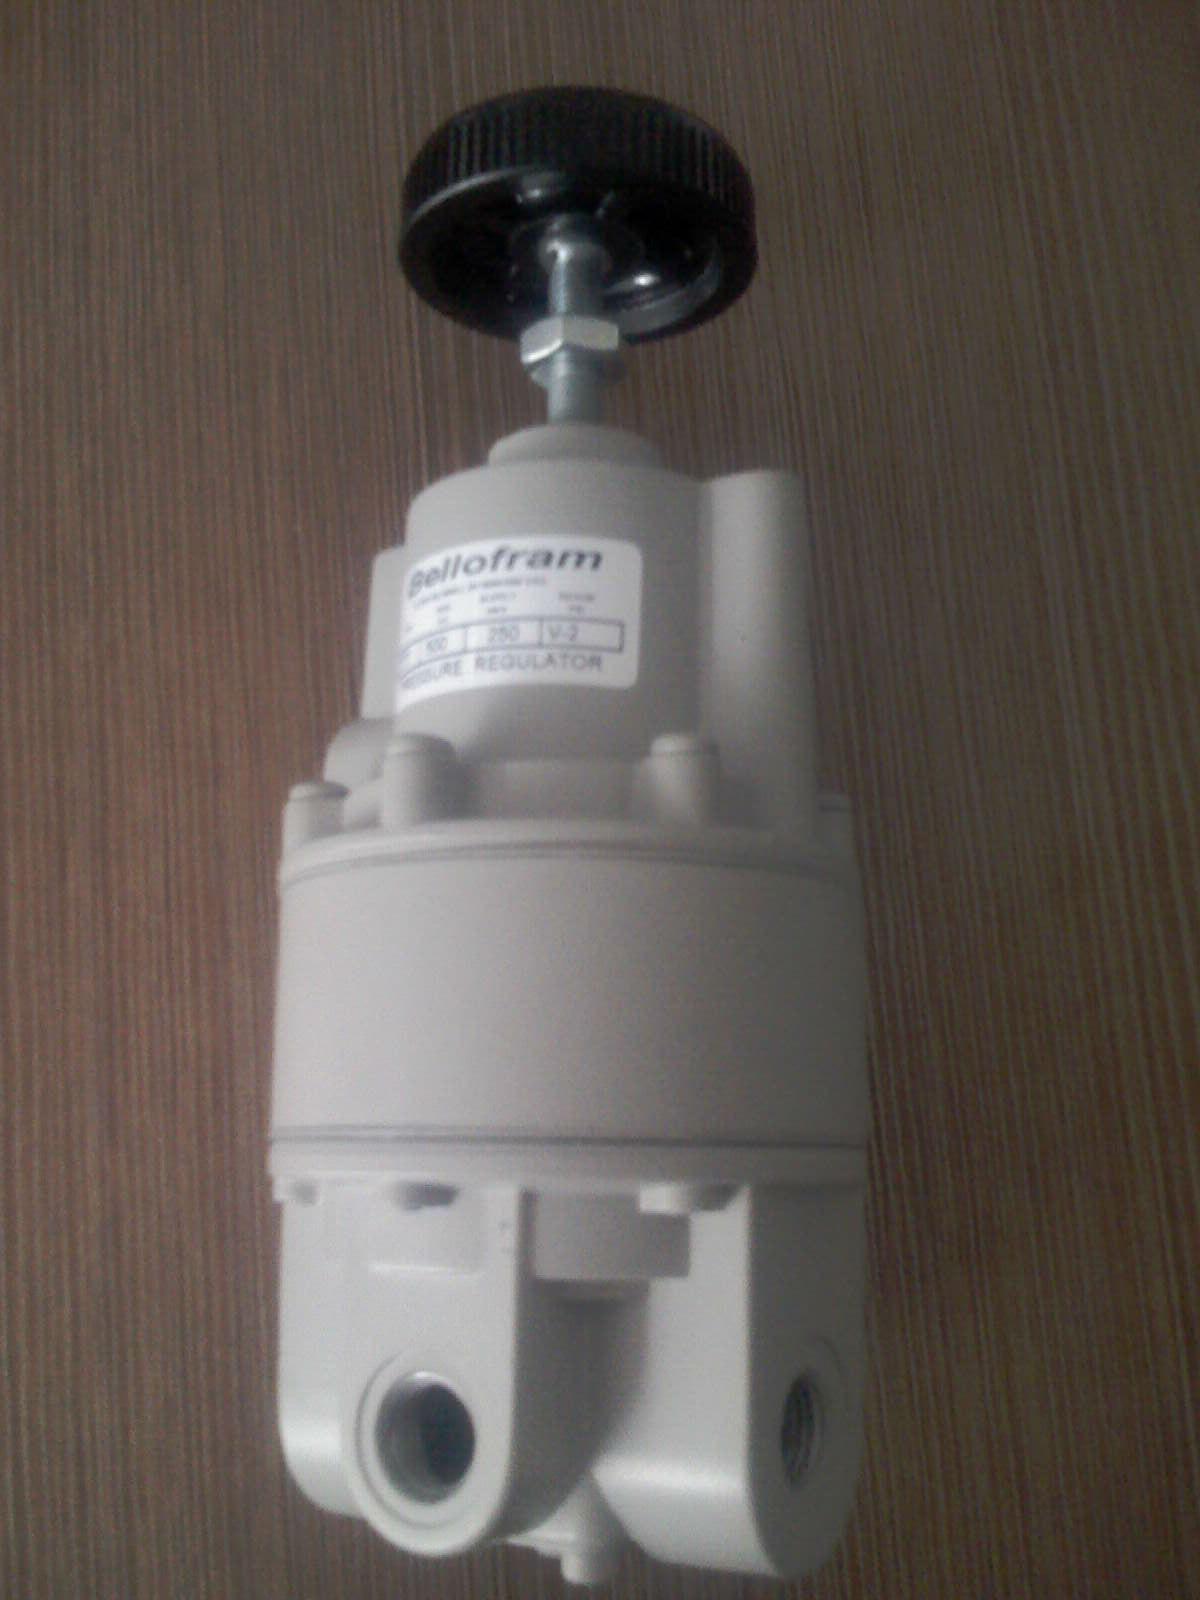 BELLOFRAM T77 vacuum regulator 960-500-000 2PSI vacuum low pressure valve рокфеллер дж мемуары миллиардера как я нажил 500 000 000 $